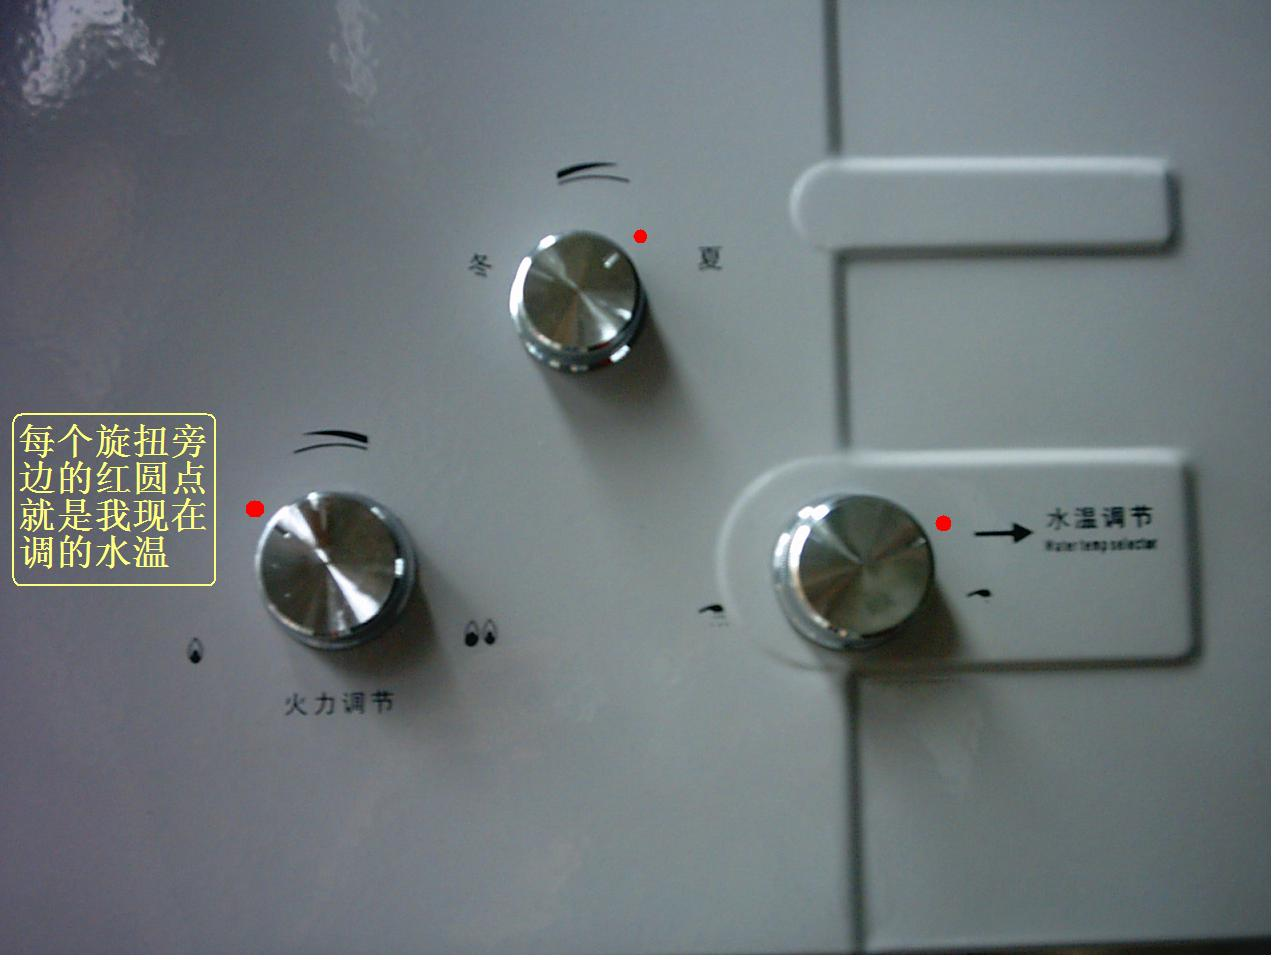 燃气热水器出来的水不热是什么原因图片